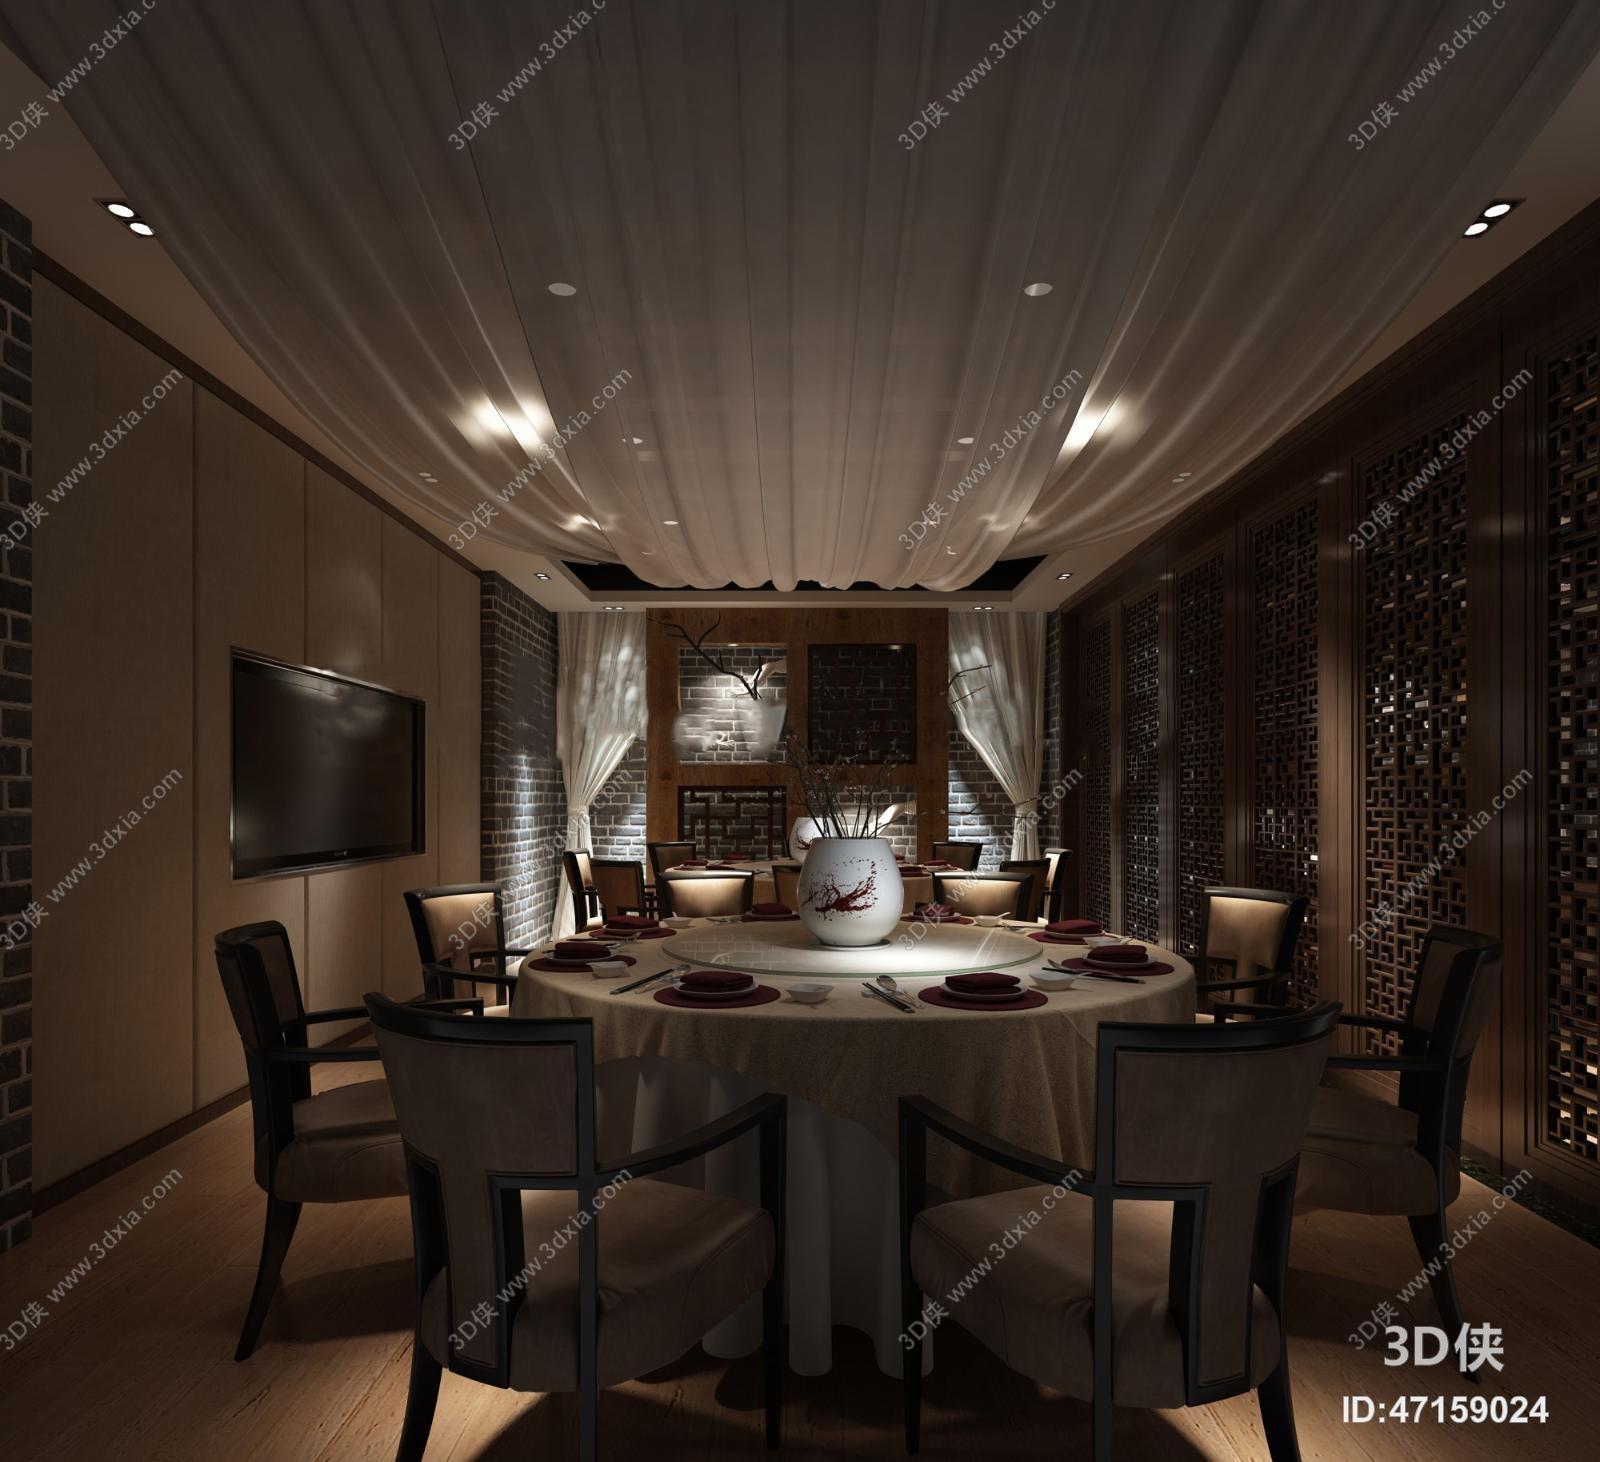 中式餐厅模型包间3d教程【id:47159024】室内设计手绘酒店pdf图片